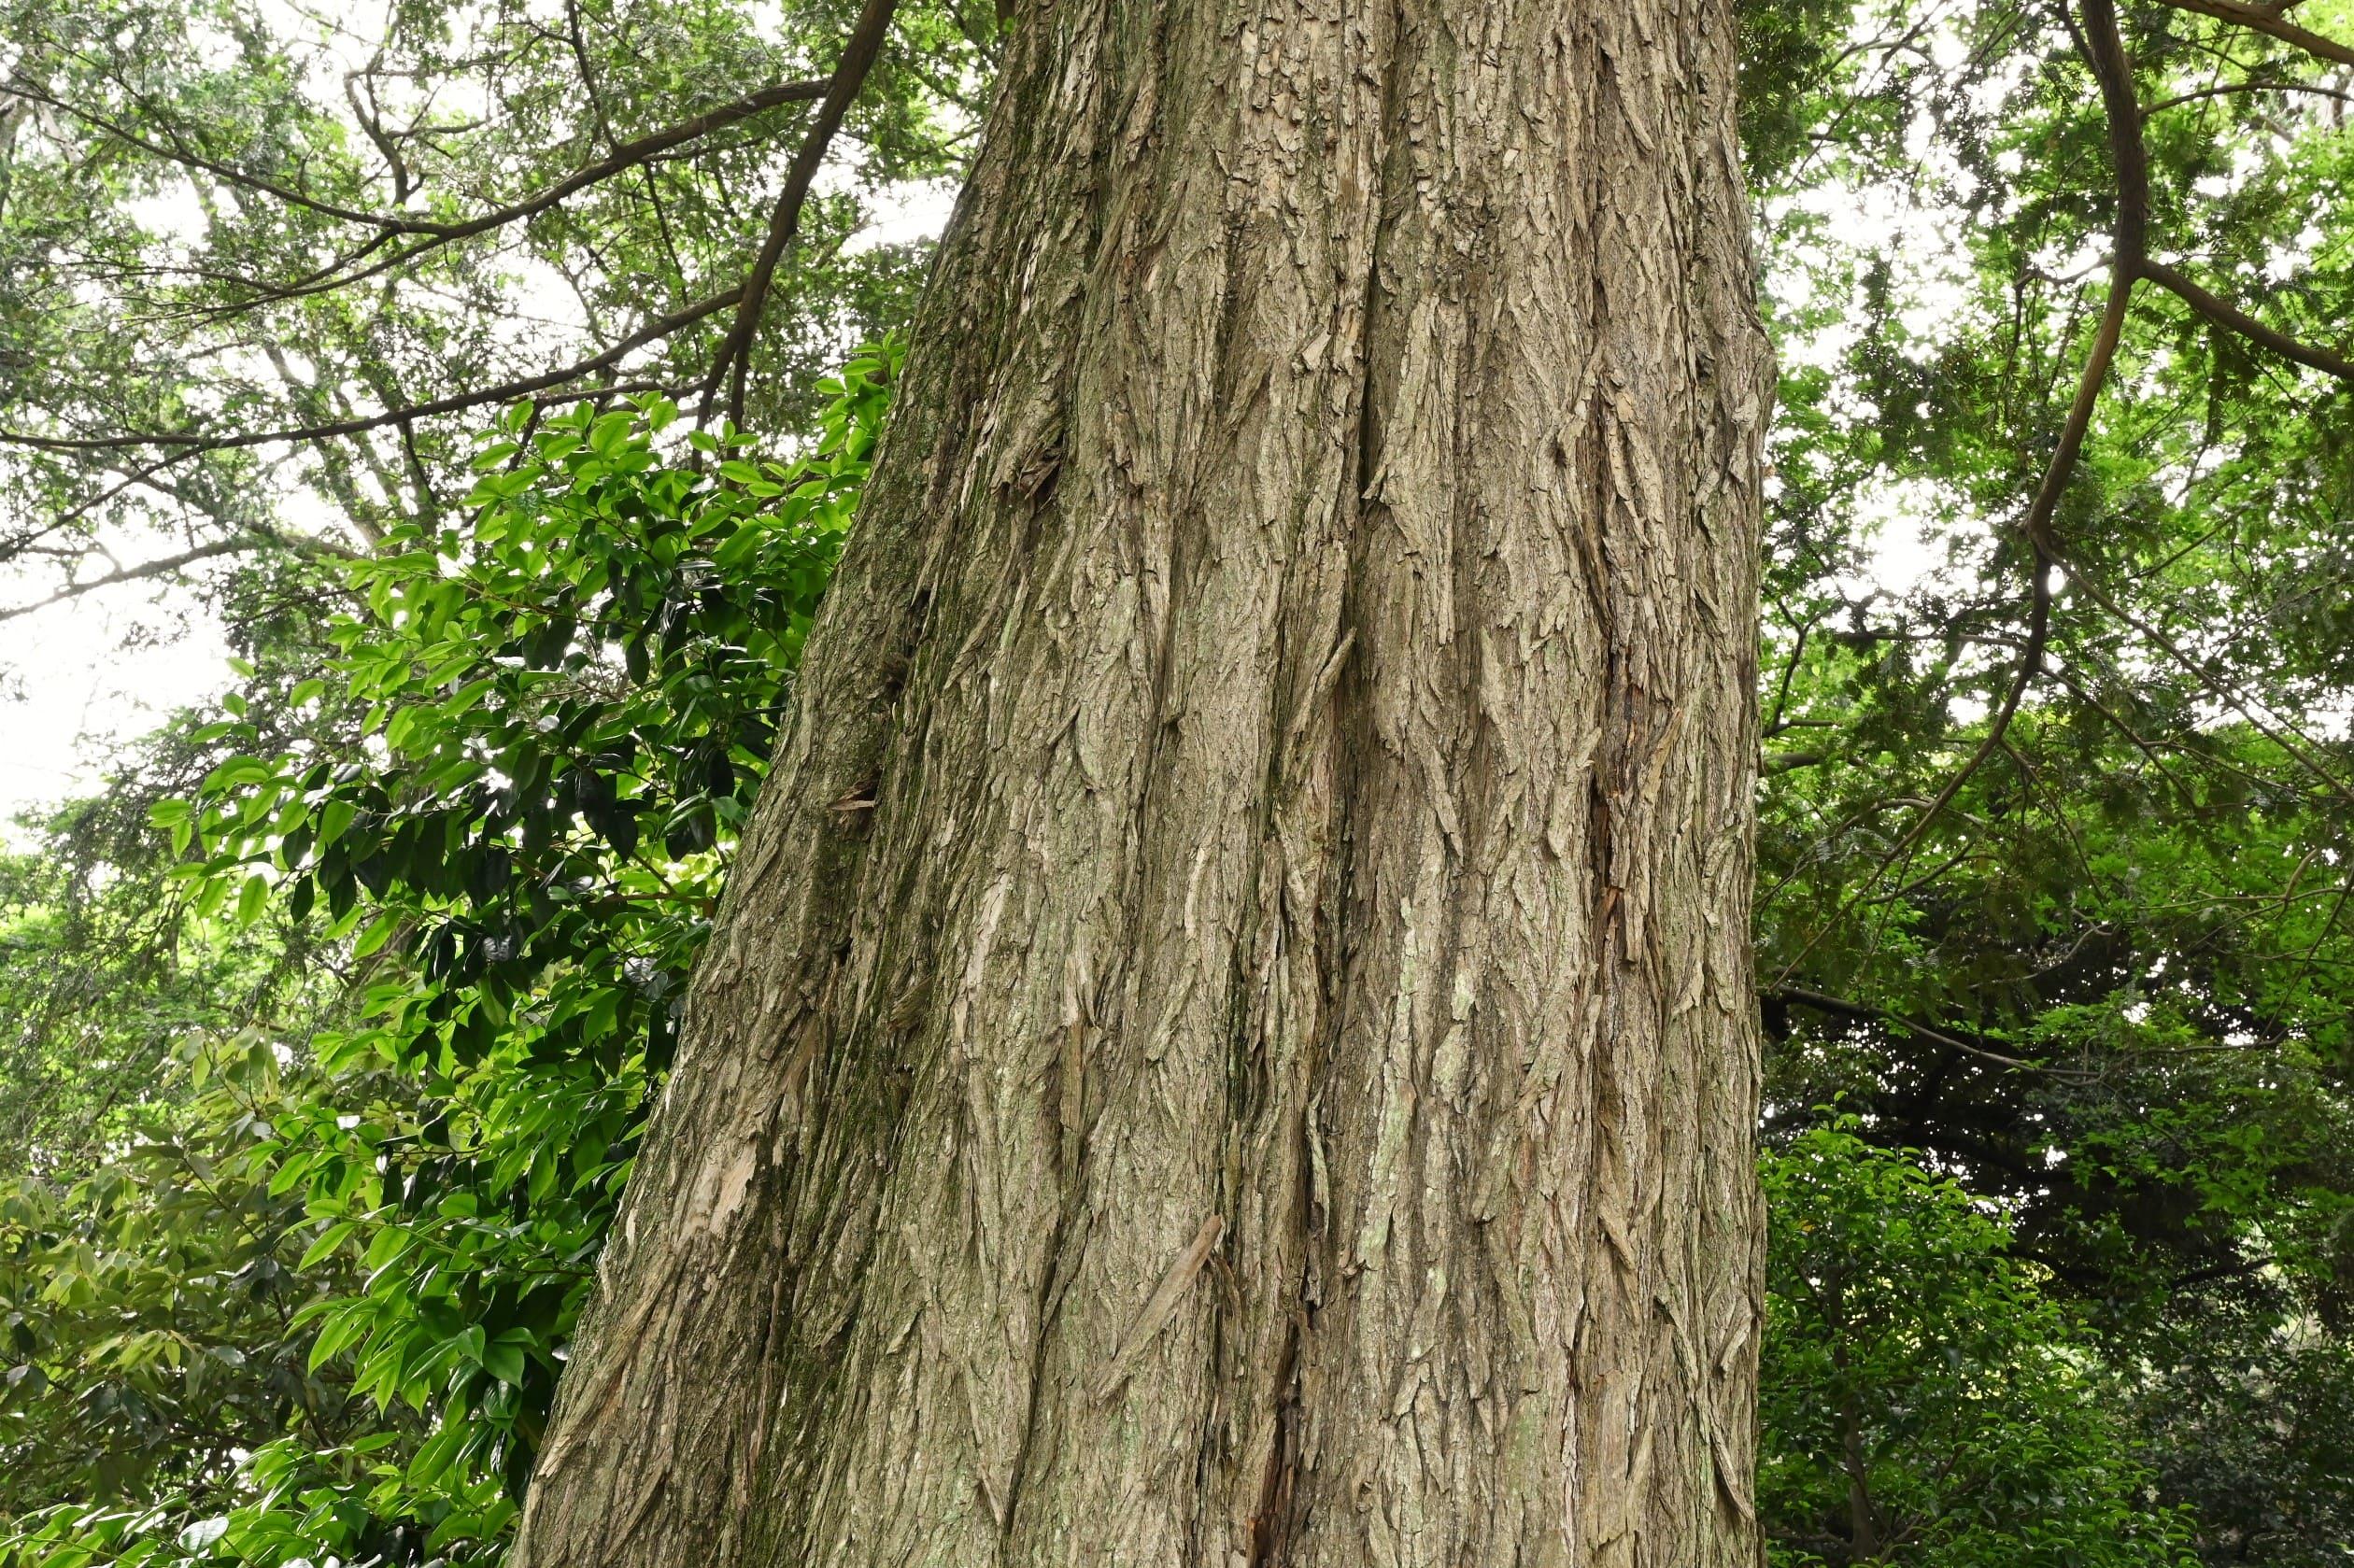 Torreya,tree